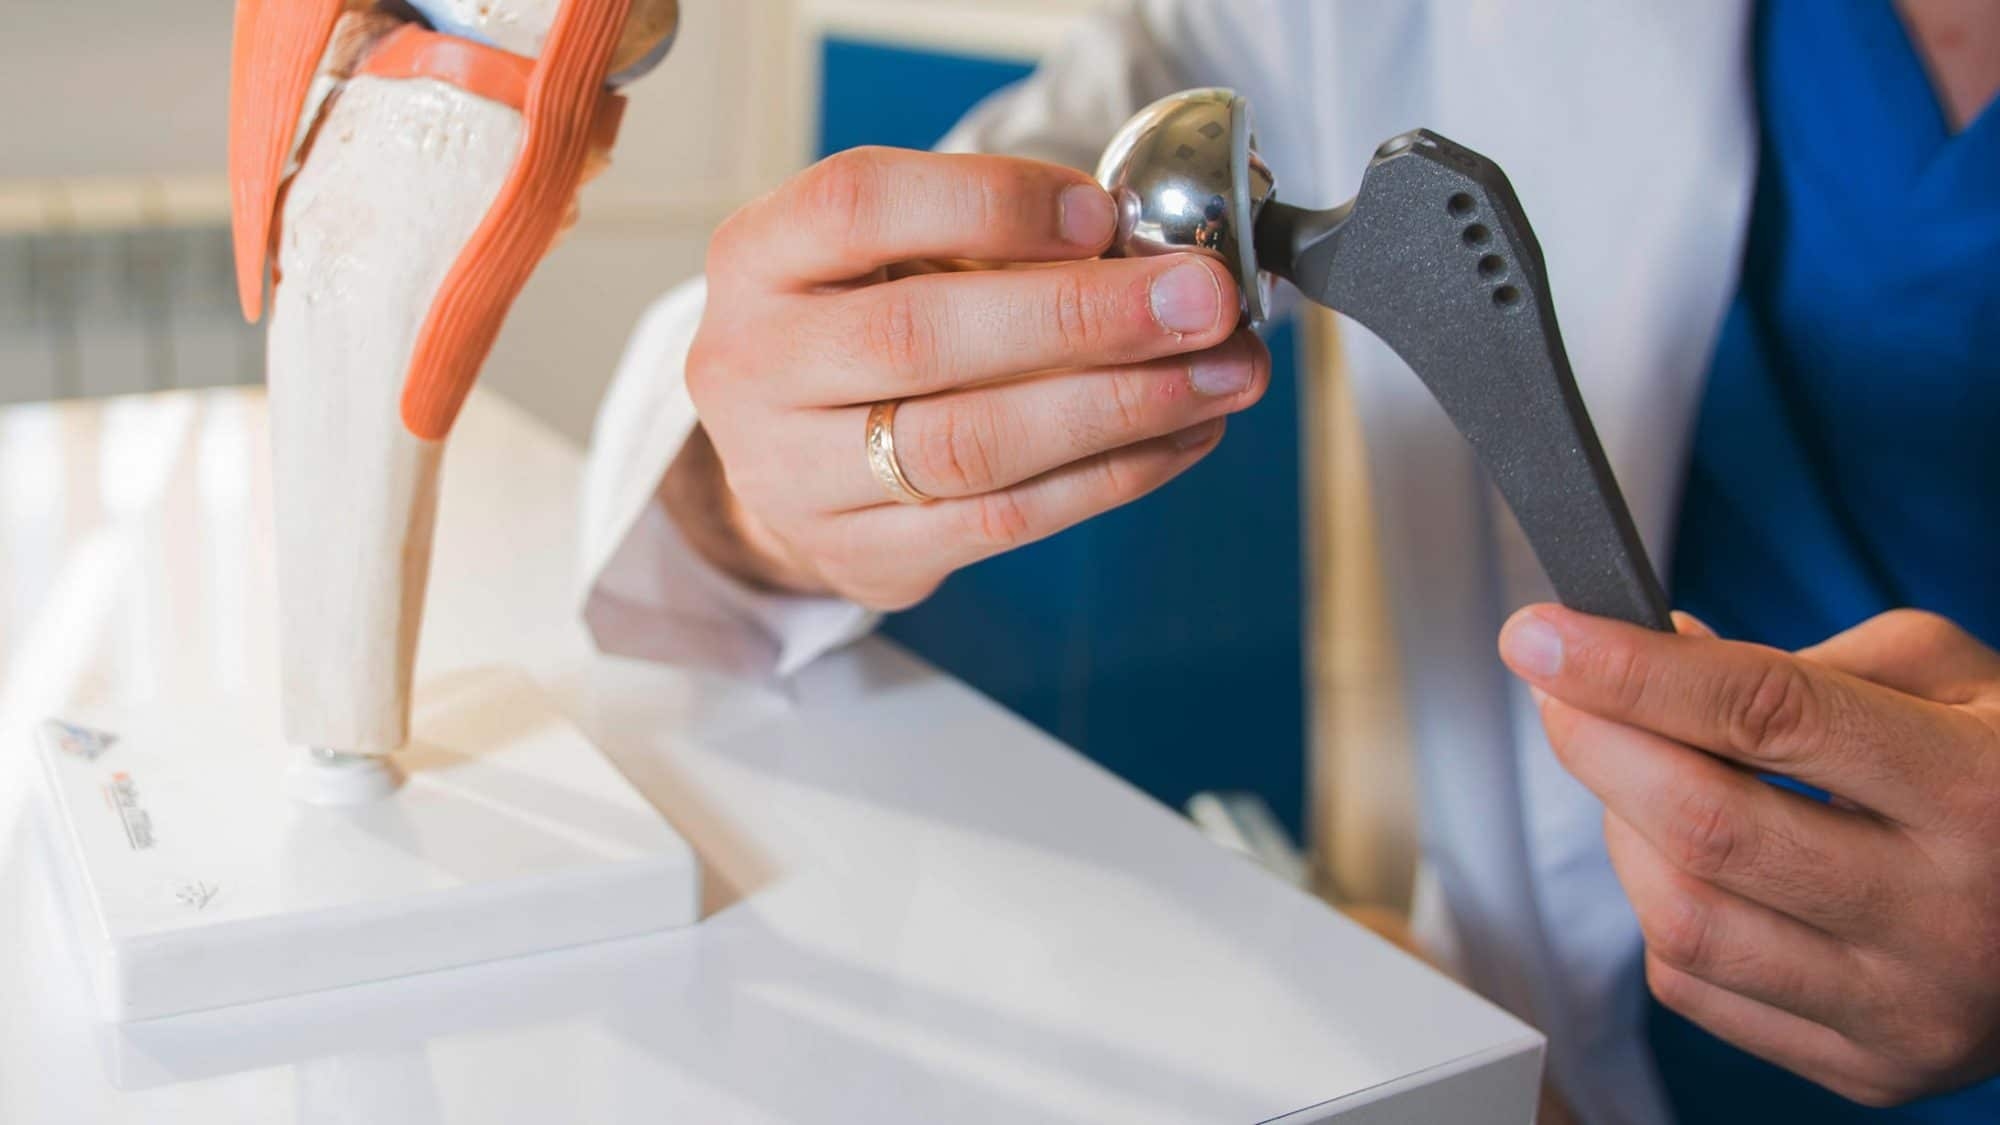 Ein Arzt hält ein künstliches Hüftgelenk.